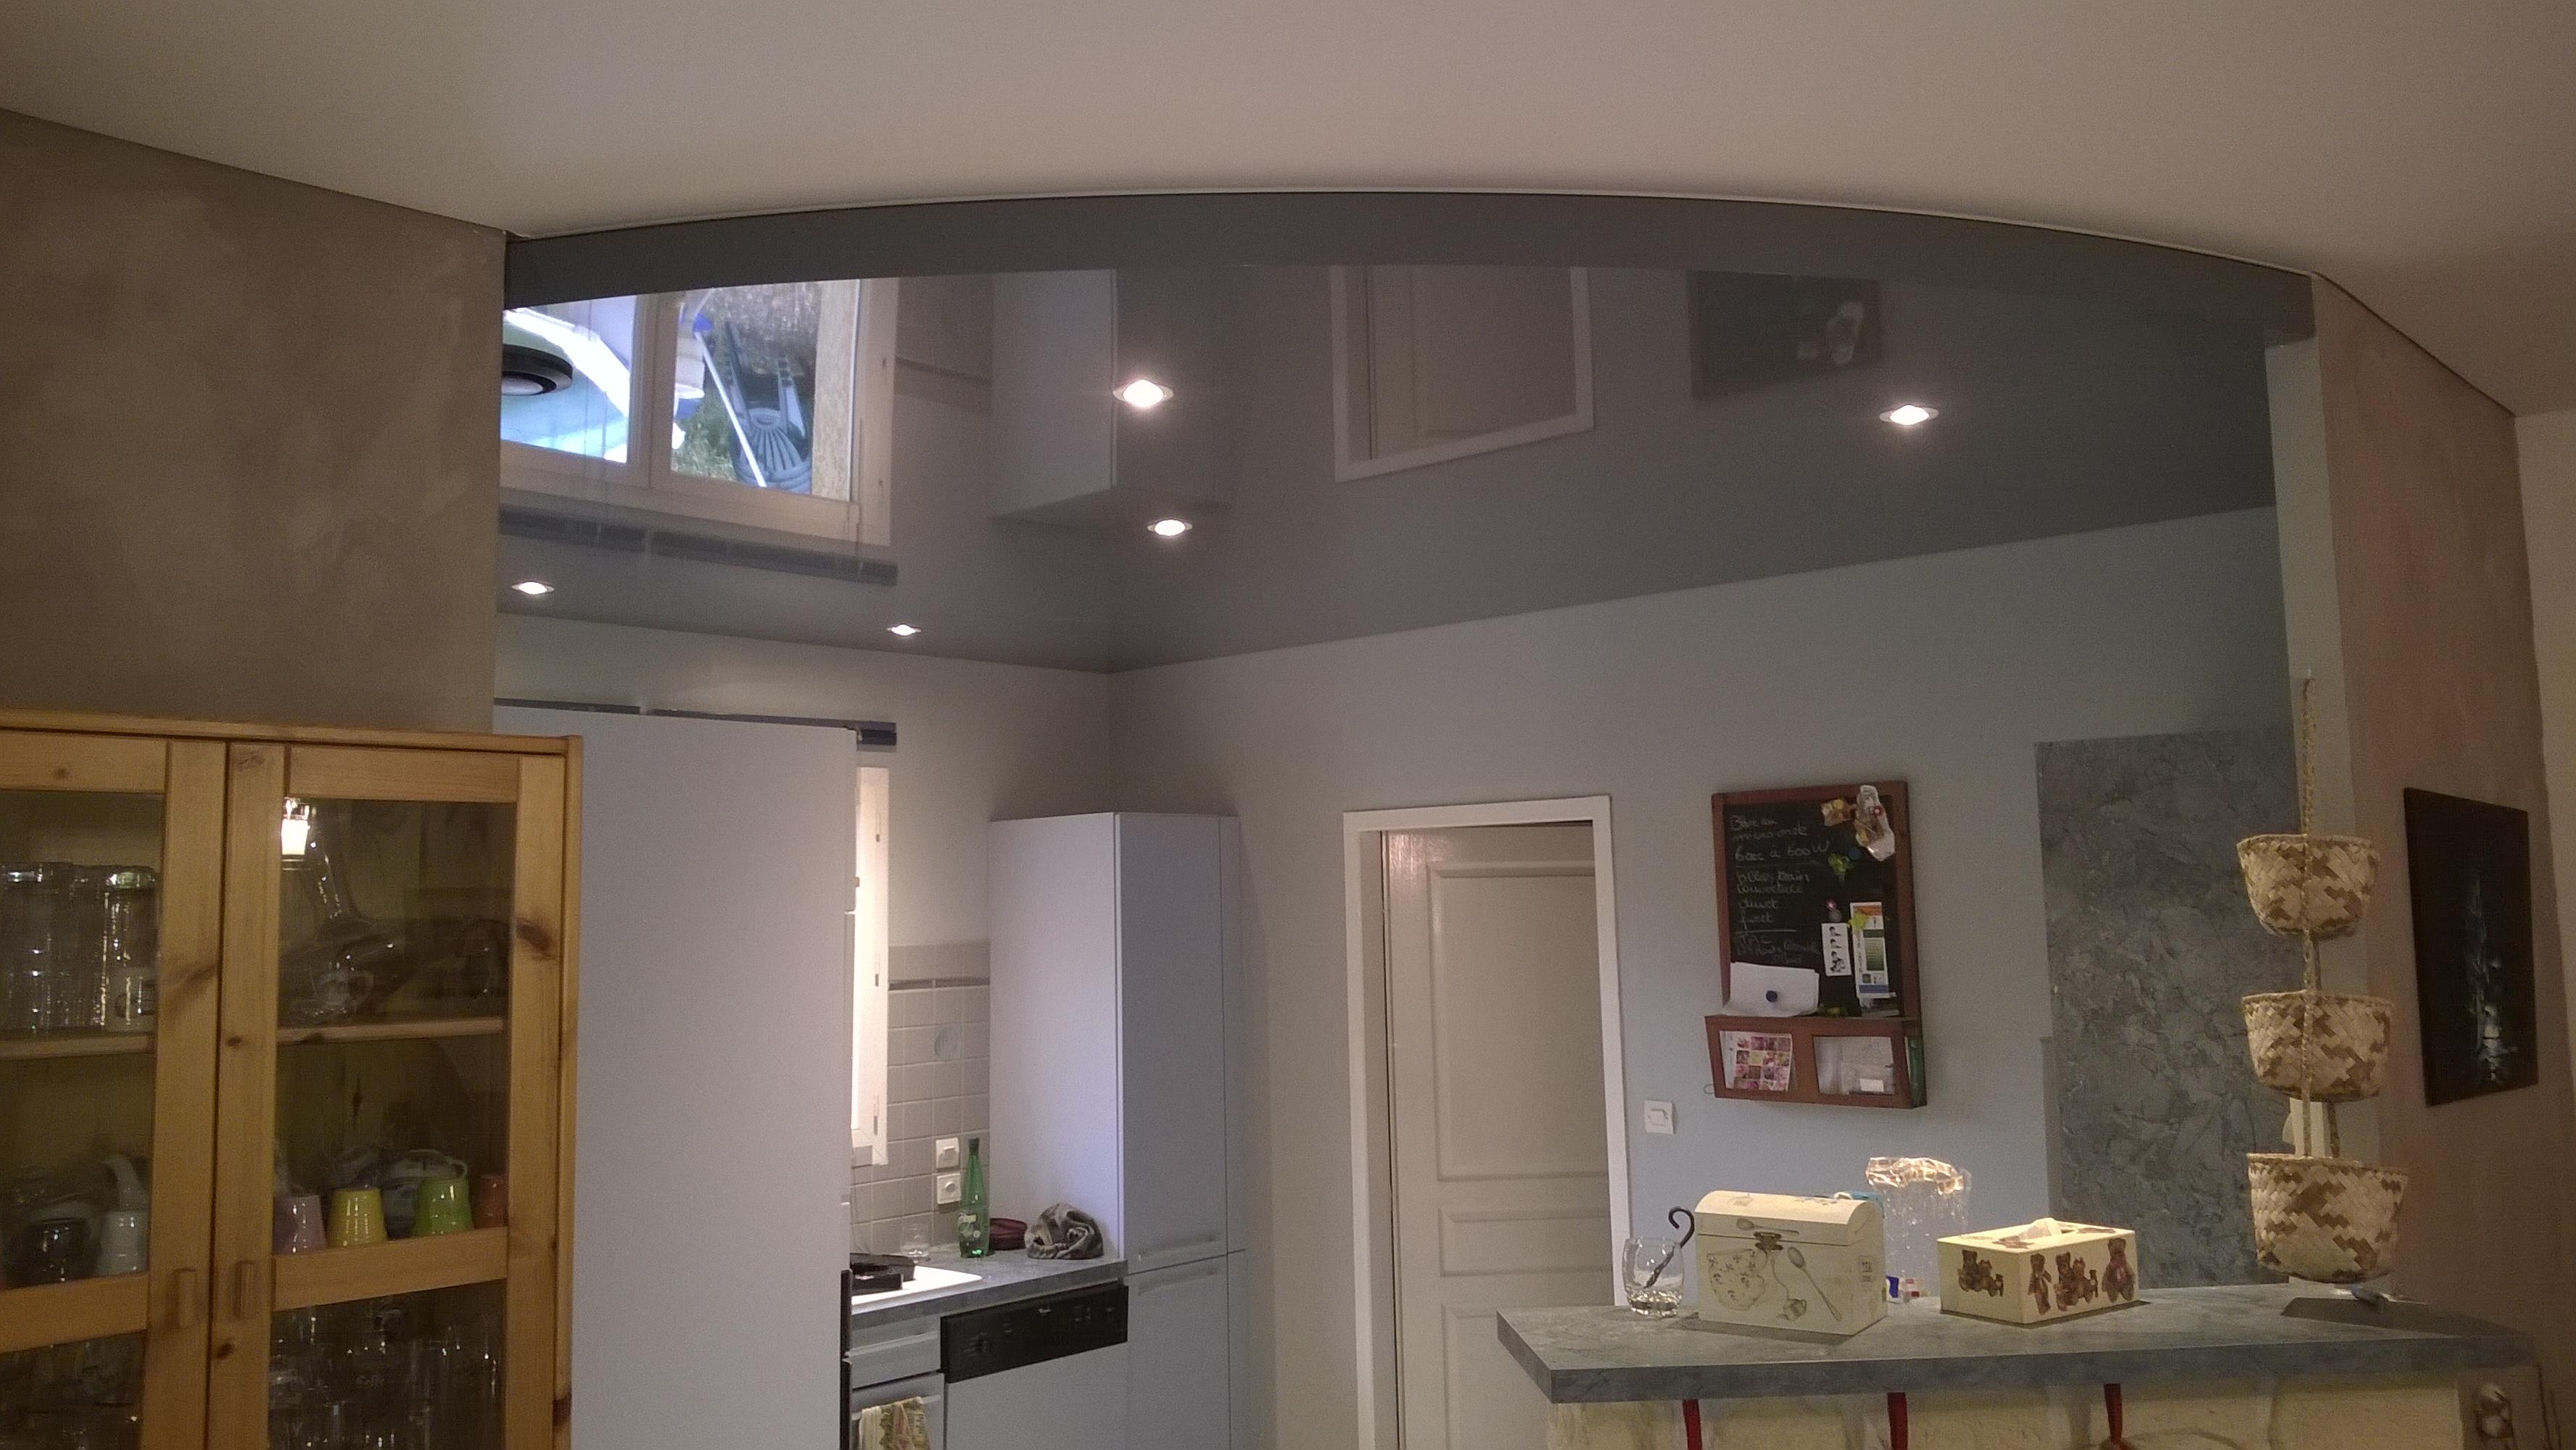 Plafonds tendus meunier cuisines plafonds tendus meunier for Plafond tendu cuisine